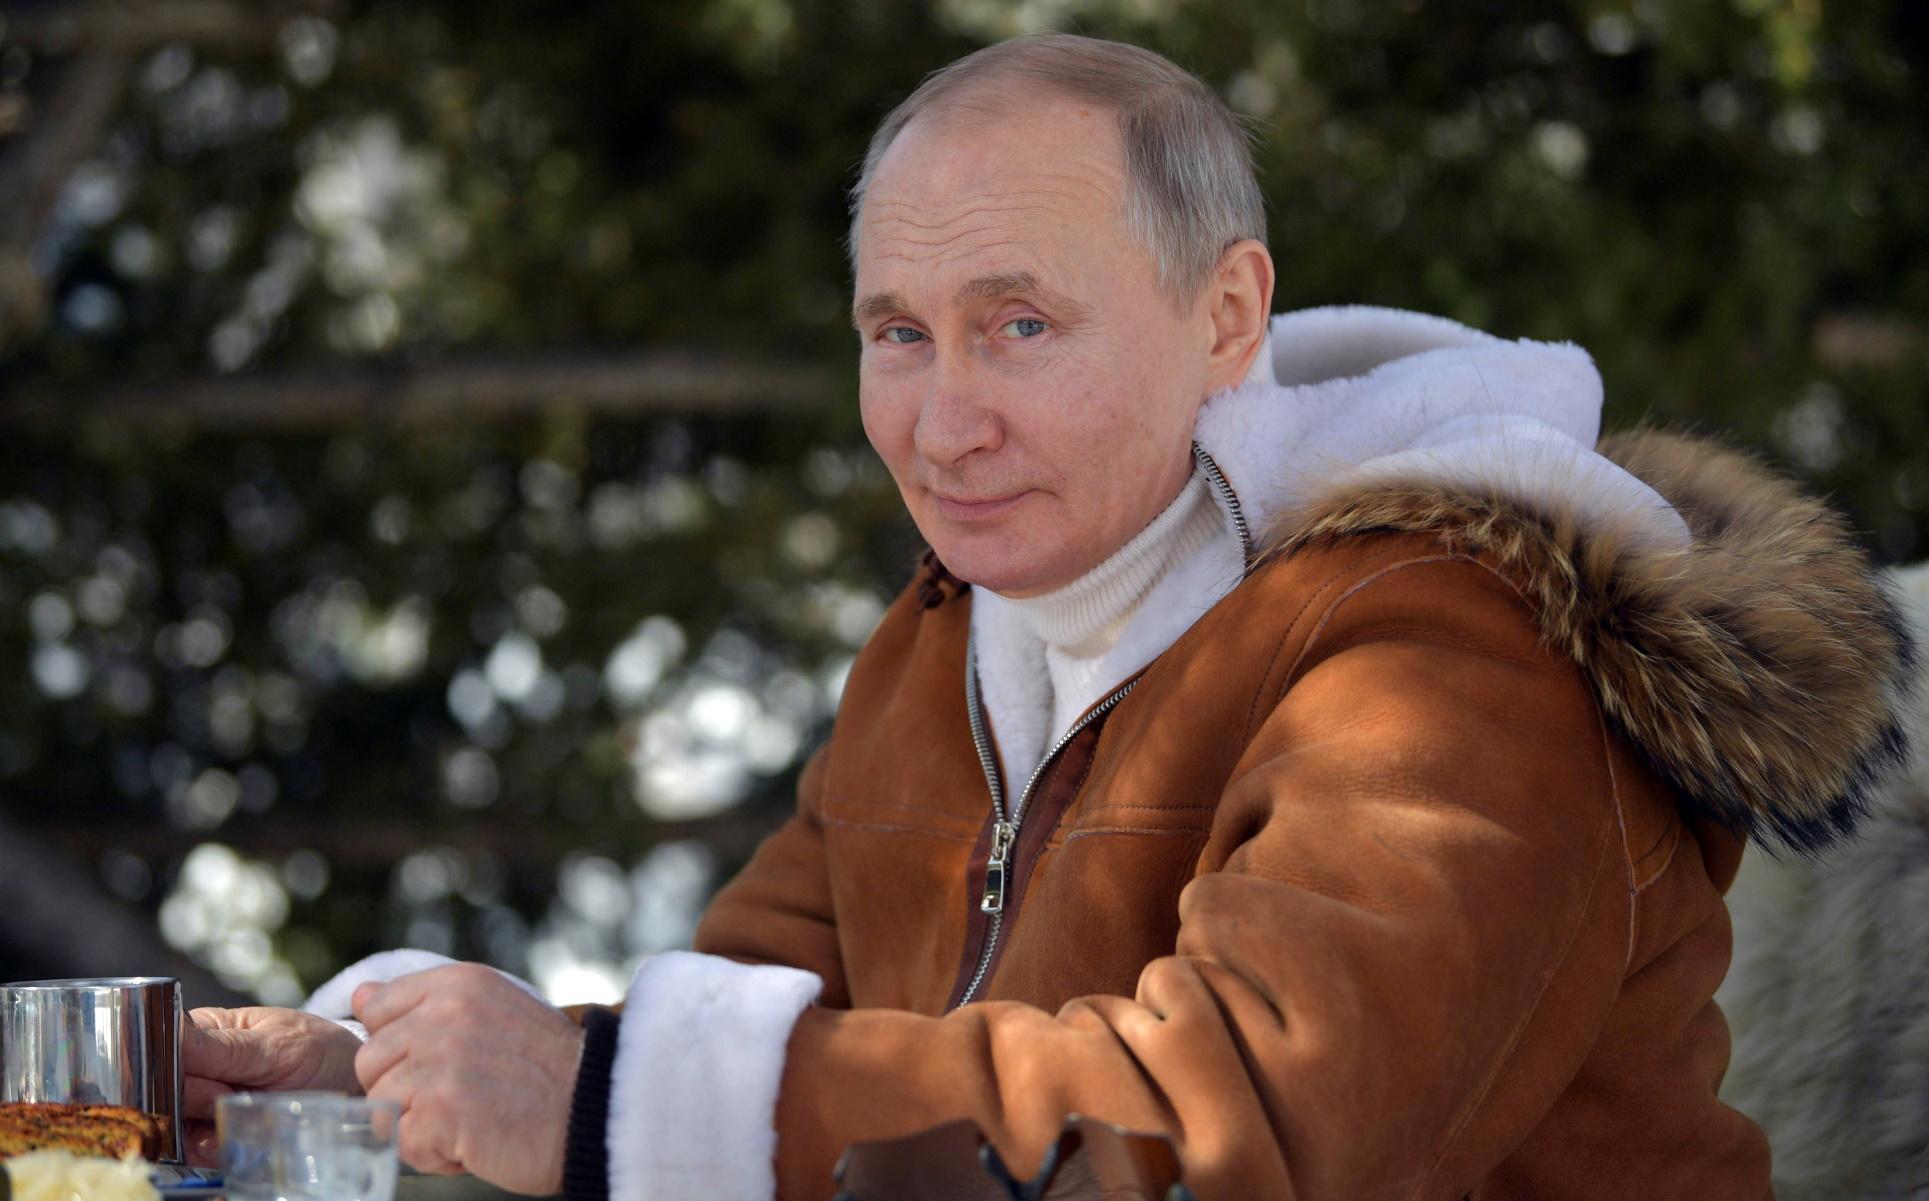 Πούτιν: Το «sex symbol» της Ρωσίας – Ψηφίστηκε από γυναίκες αλλά και άνδρες